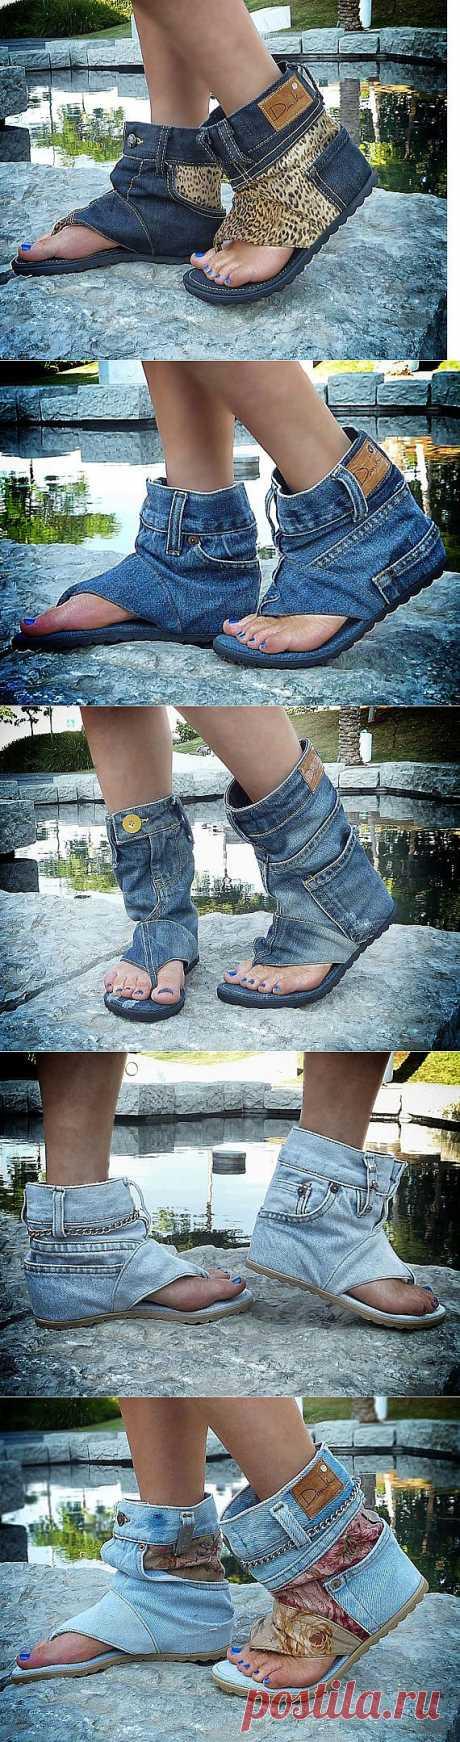 Джинсовые сандали / Обувь / Модный сайт о стильной переделке одежды и интерьера